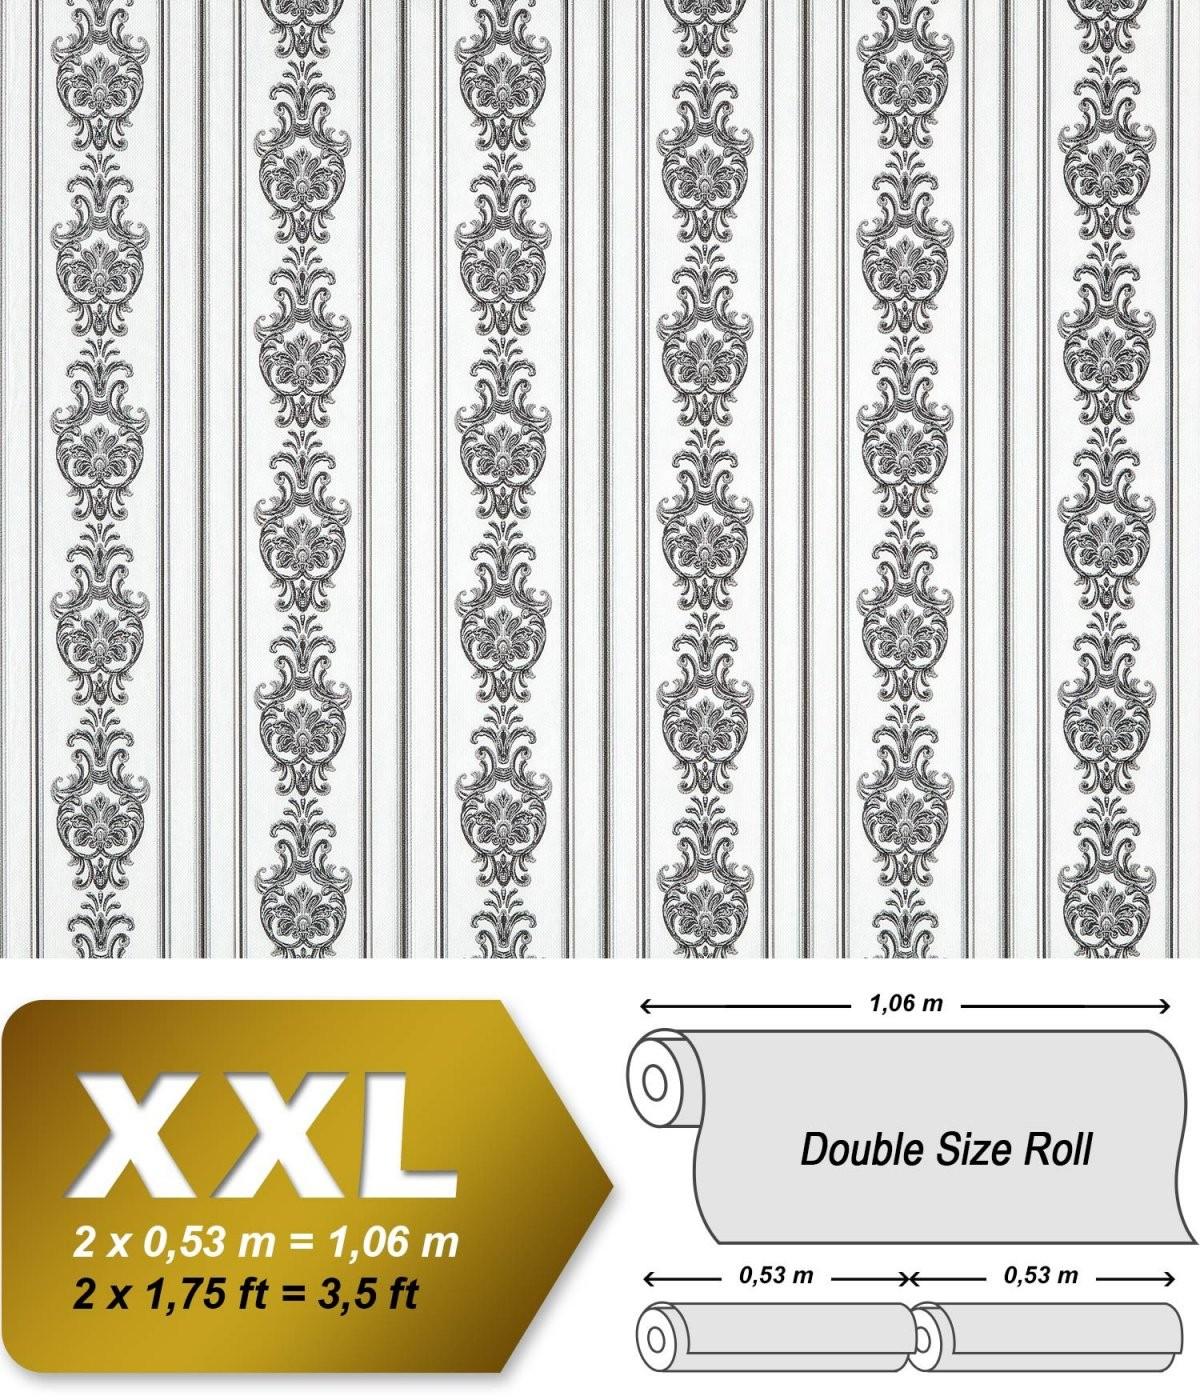 3D Barock Tapete Streifen Xxl Vliestapete Edem 66090 Elegantes von Barock Tapete Schwarz Weiß Bild